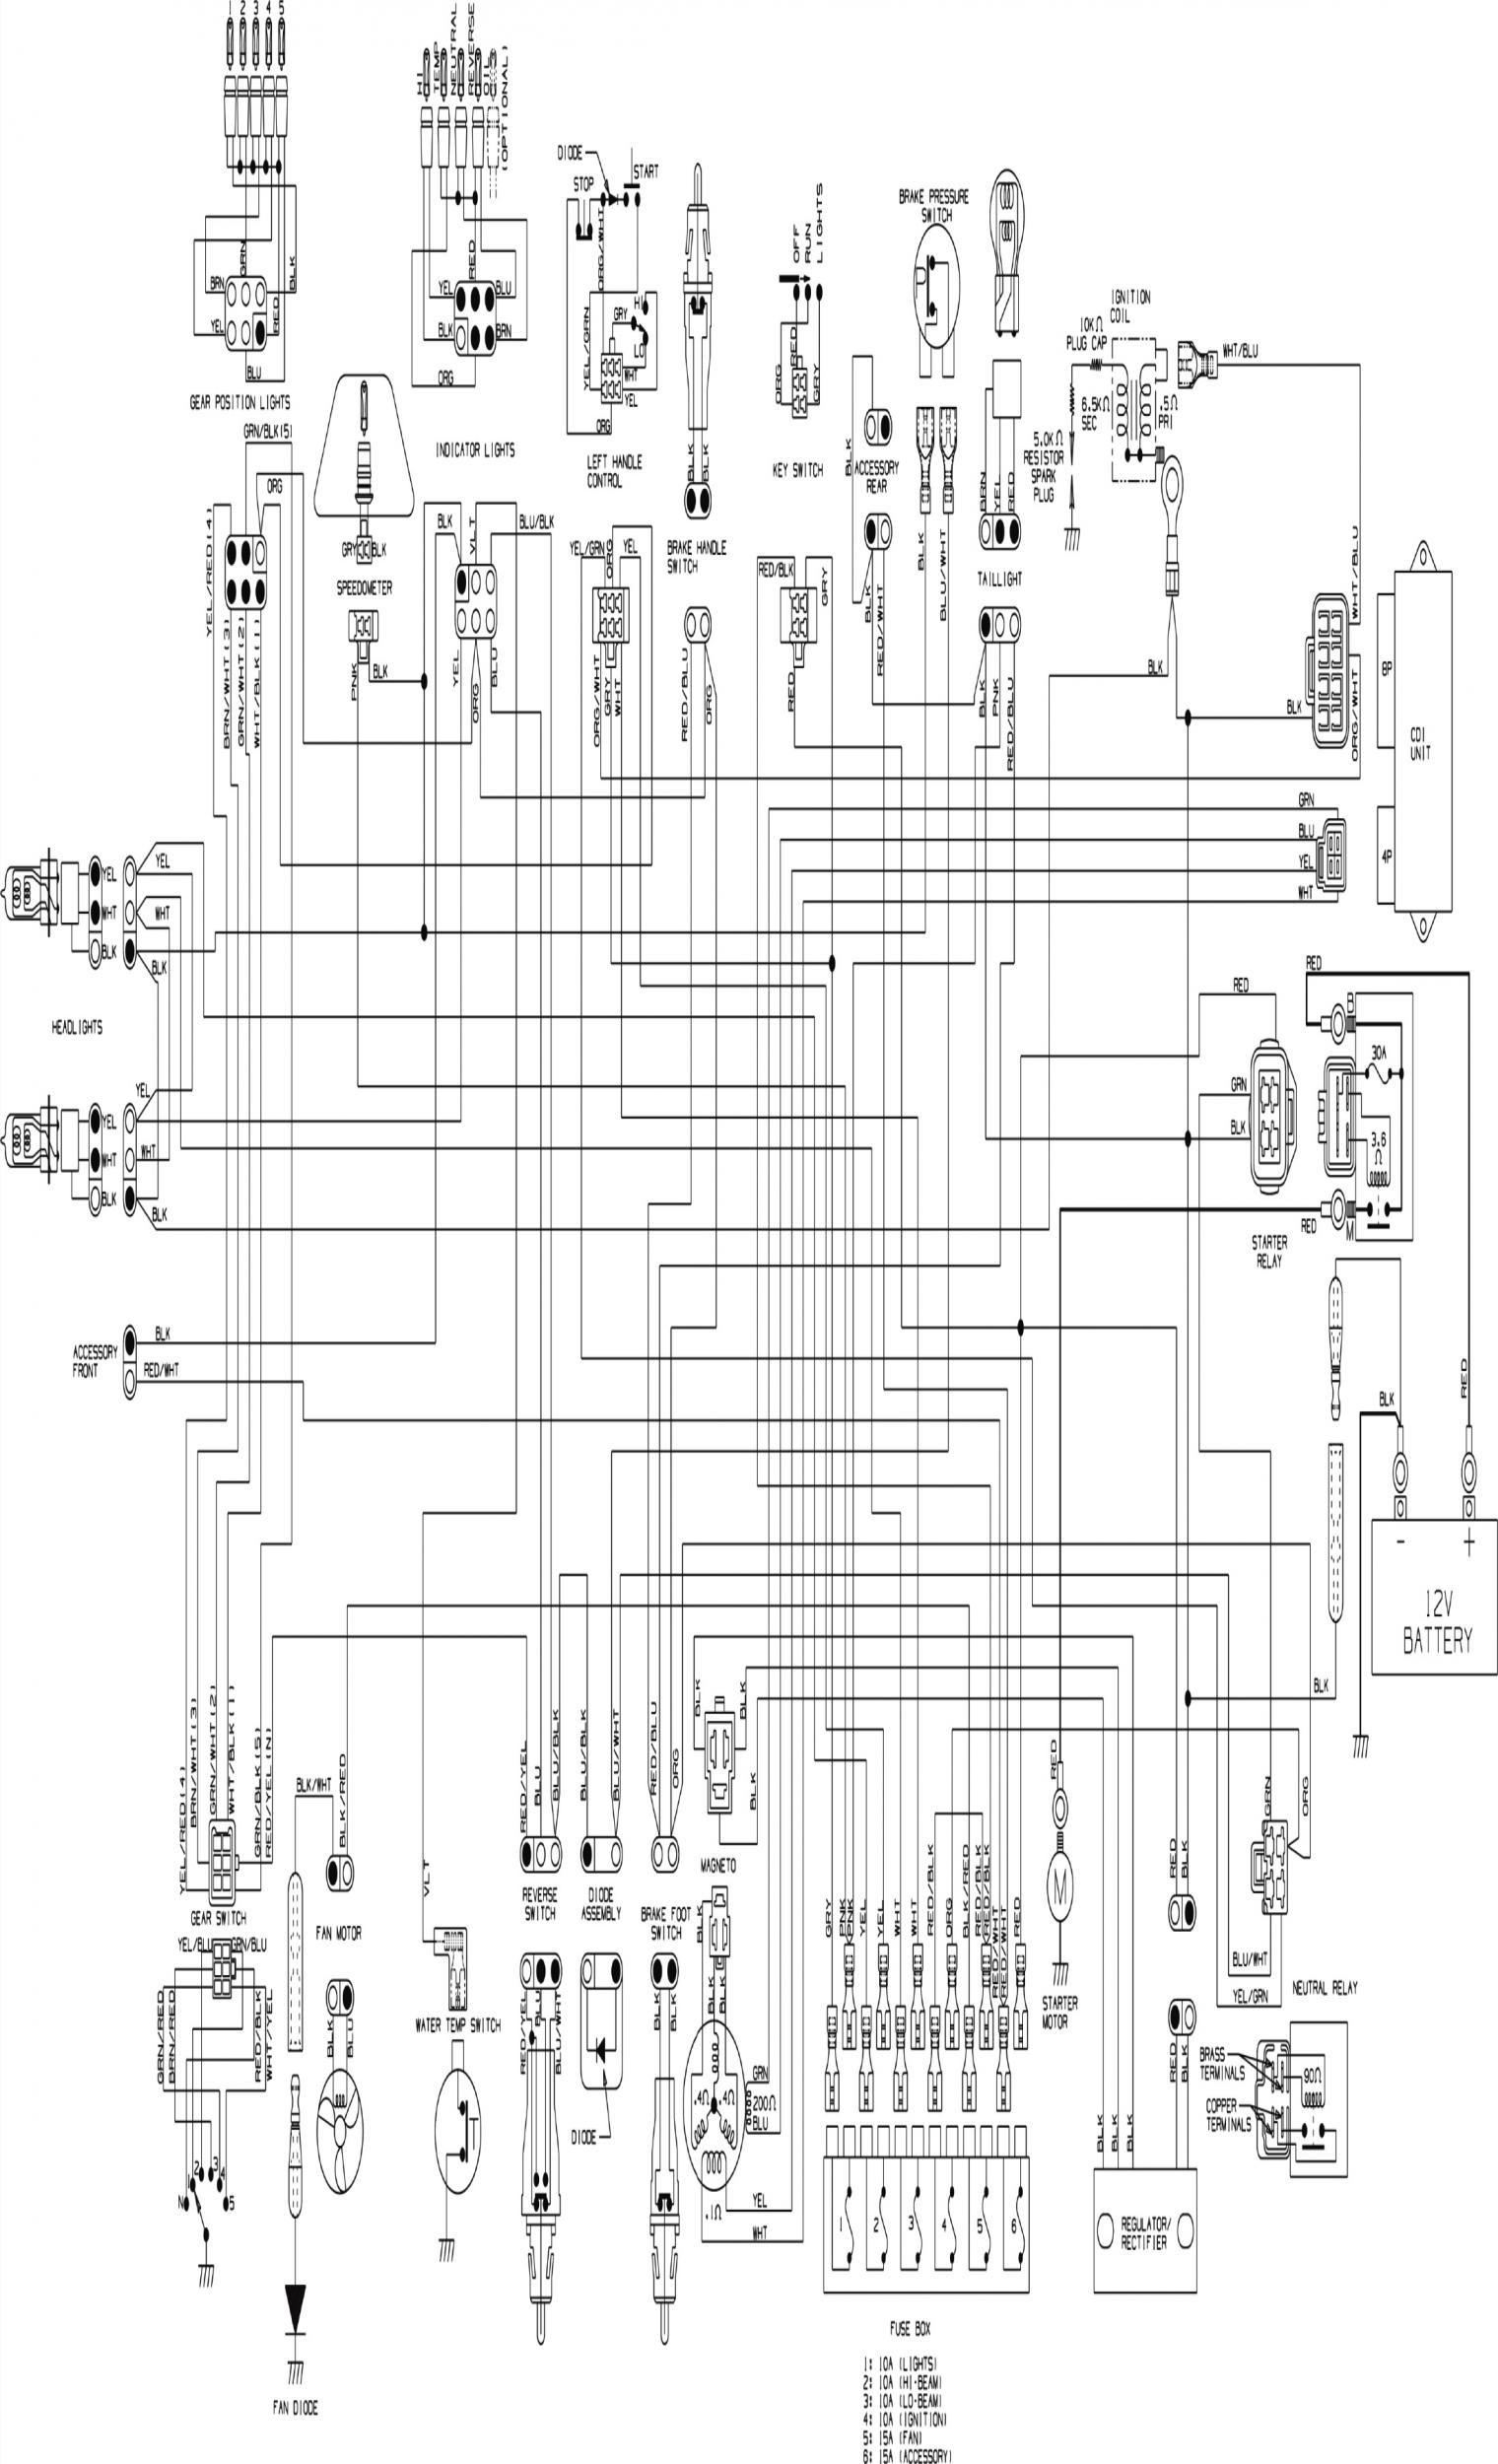 Arctic Cat Parts Diagram My Wiring Diagram